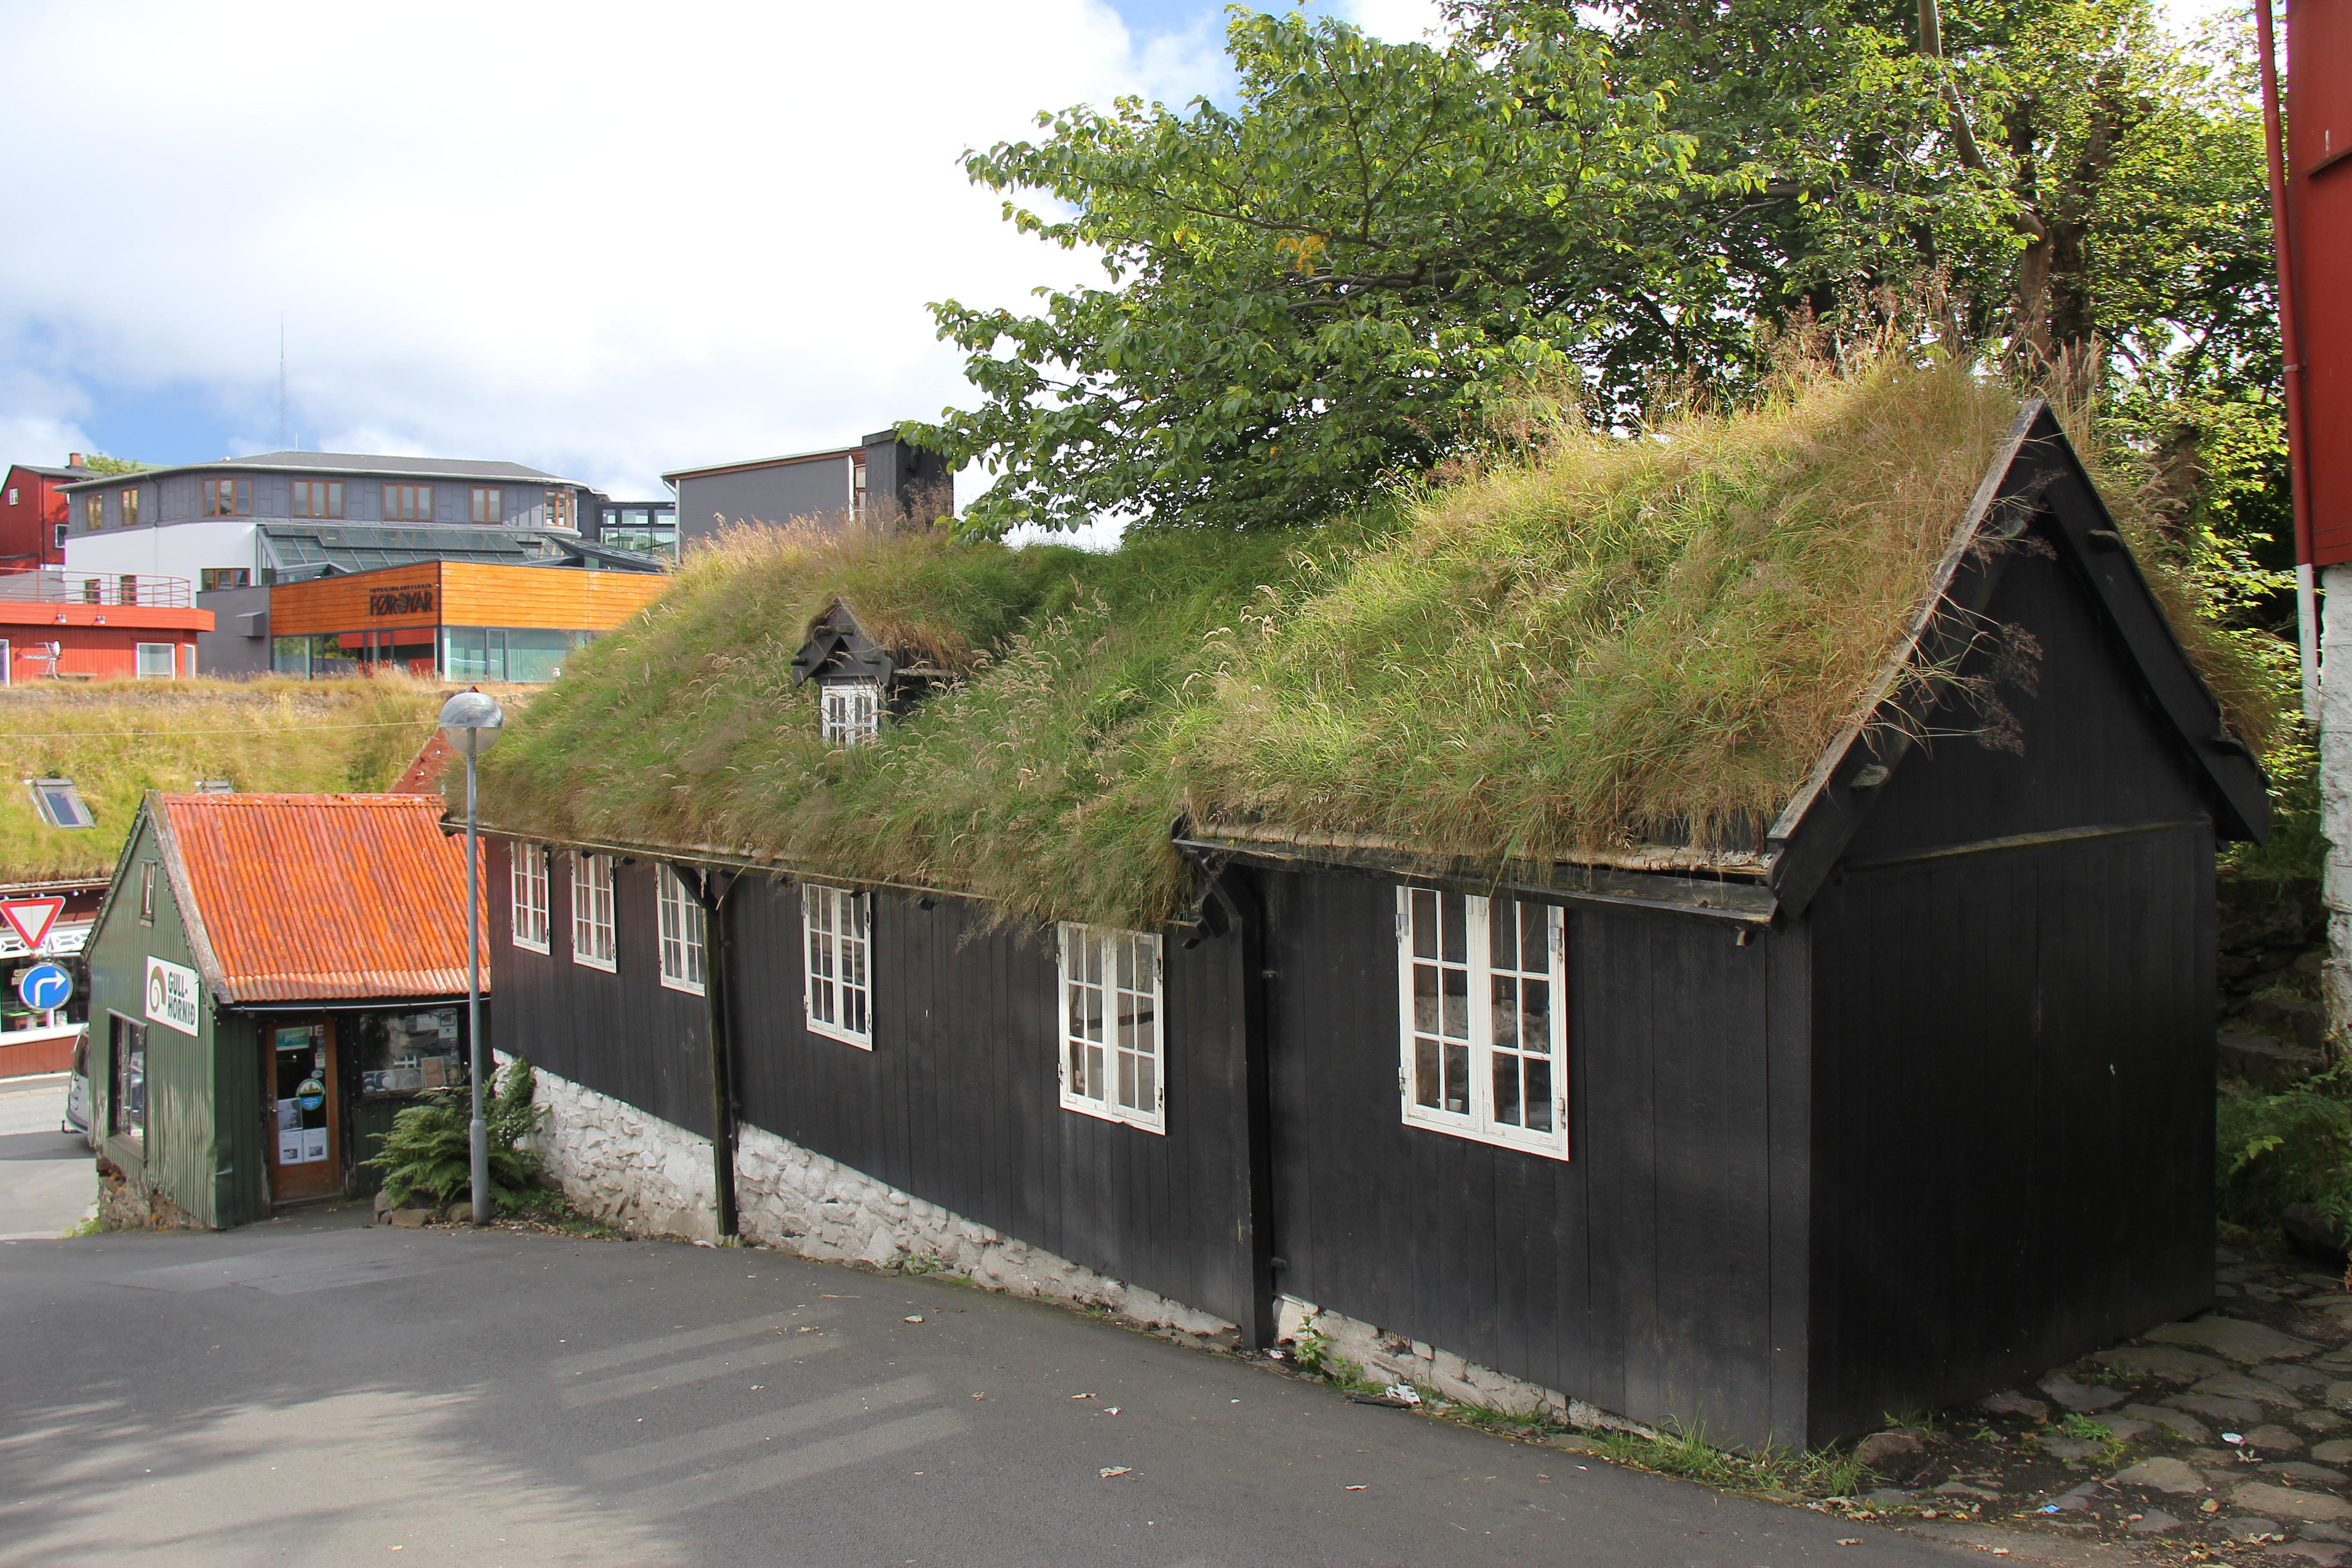 Smukke gamle huse i Thorshavn, som er en rigtig hyggelig by.